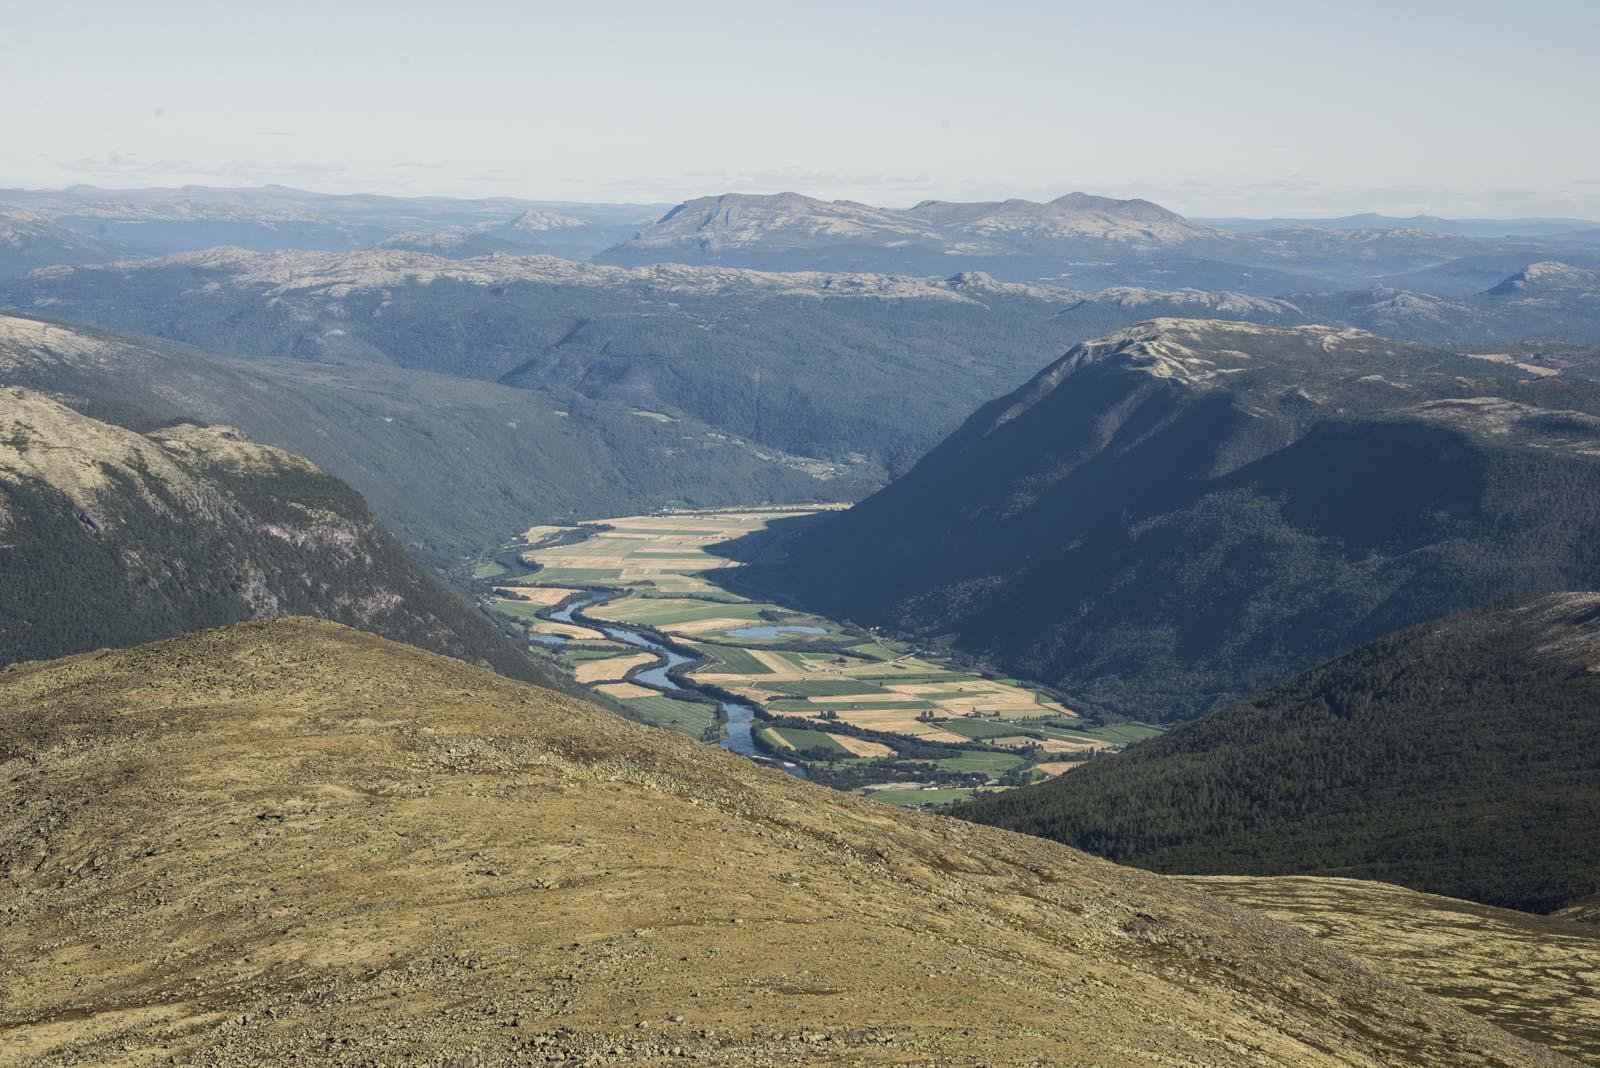 Utsikt sørover fra Blåhø. Selsvollene i forgrunnen og bakerste fjellene i Ringebu og Øyer.